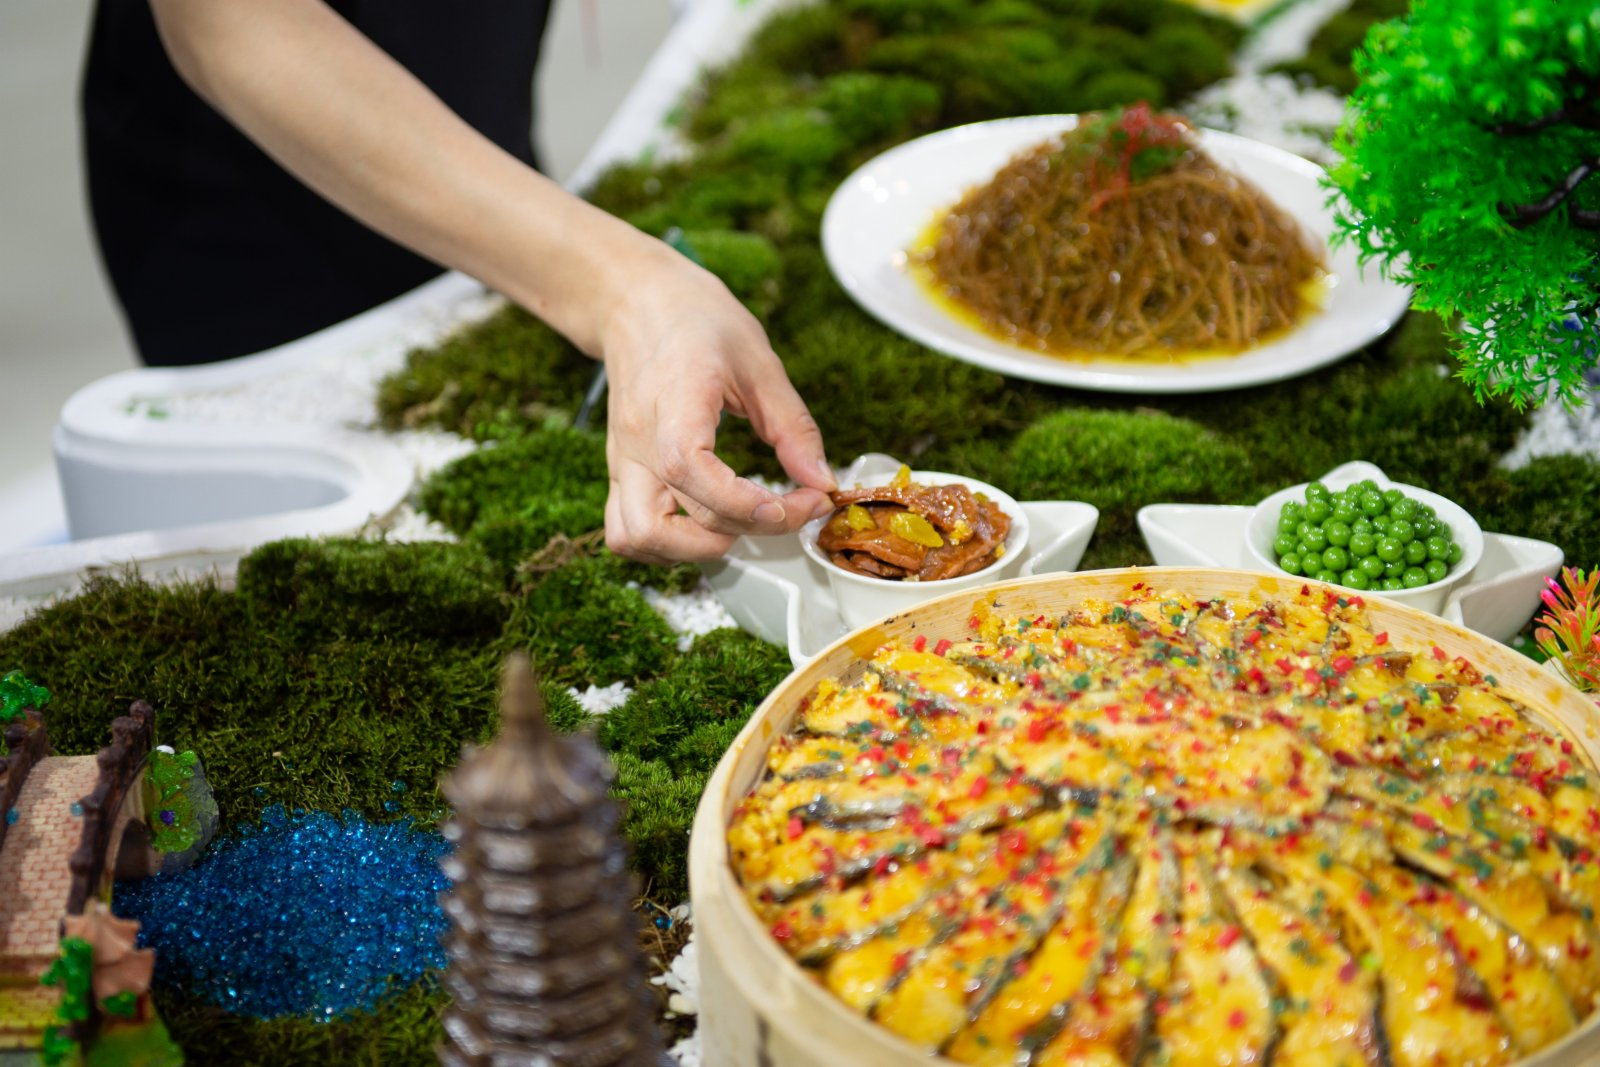 9月4日在服貿會國家會議中心展區江西展位拍攝的贛菜模型。(新華社)